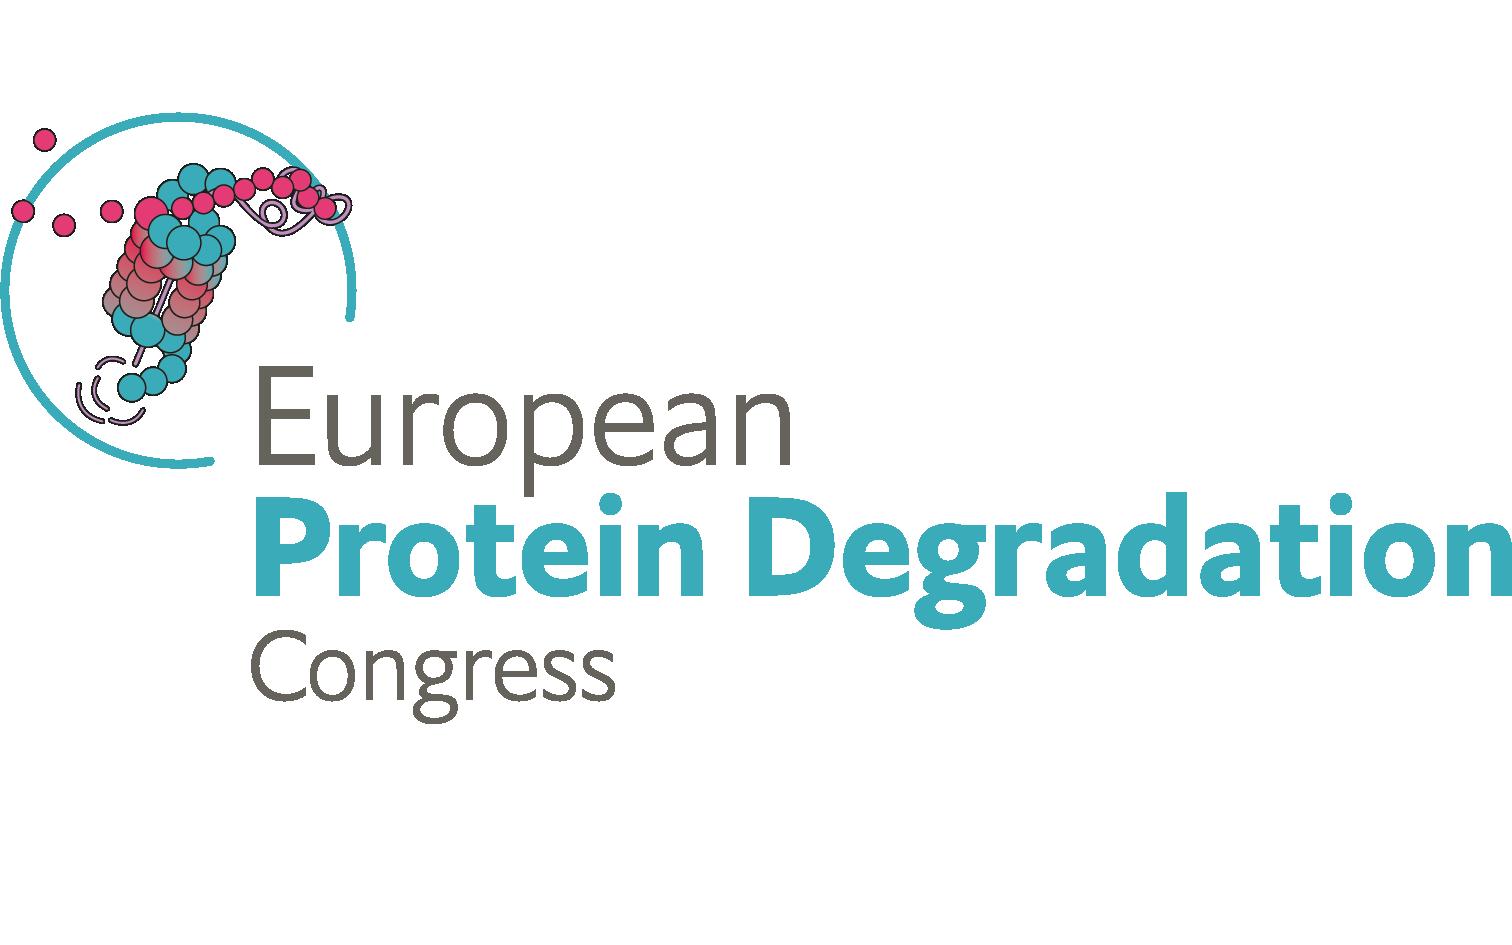 European Protein Degradation Congress, Protein Degradation, PROTAC, PROTACs, molecular glues